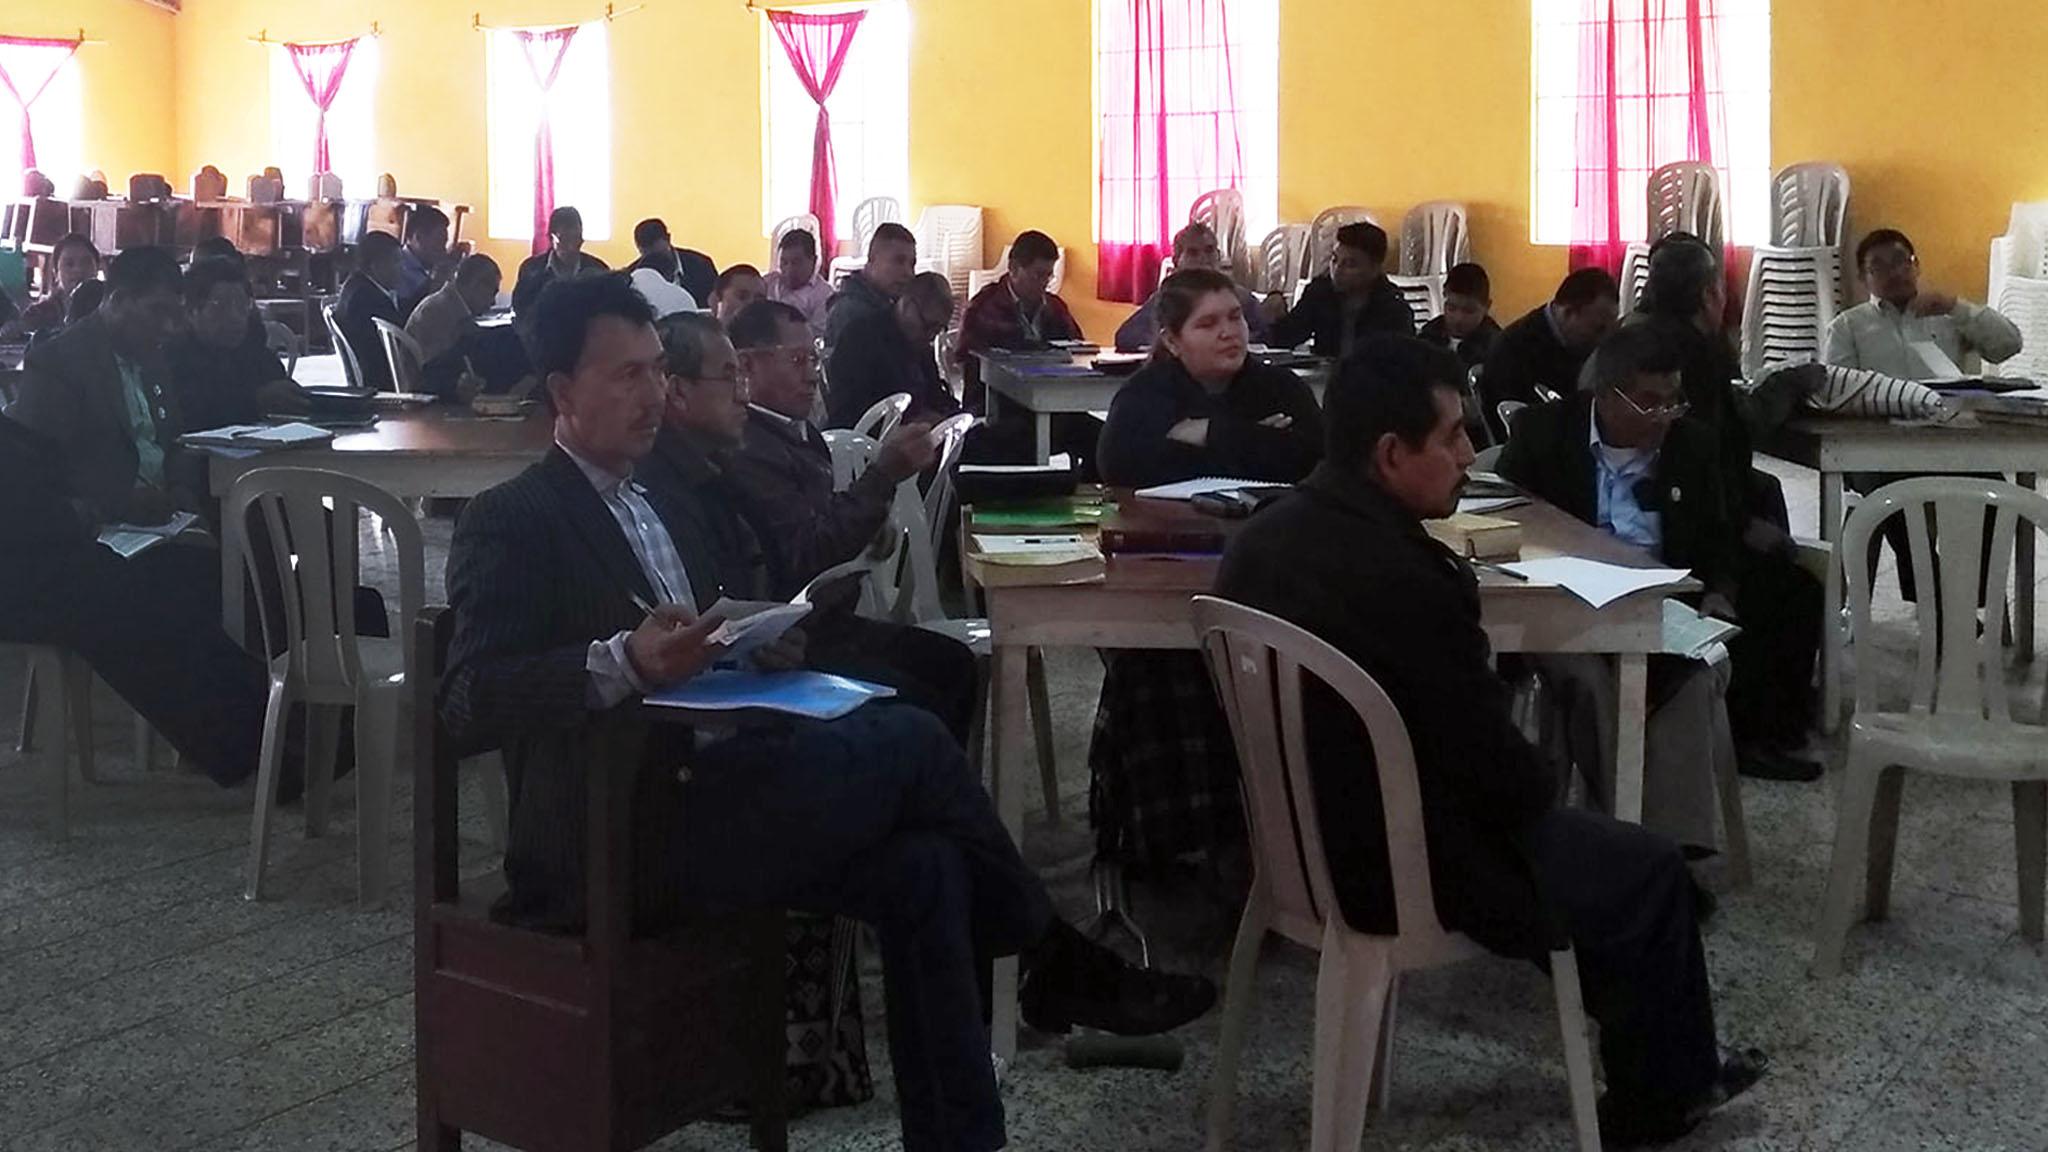 Atiendieron al entrenamiento 48 participantes, miembros de la Junta Ejecutiva Nacional, laicos/as y pastores/as, mujeres, hombres, jóvenes y juveniles, de los distritos 1 al 8, de la región de Santa Cruz del Quiché, Chichicastenango, Totonicapán y Quetzaltenango